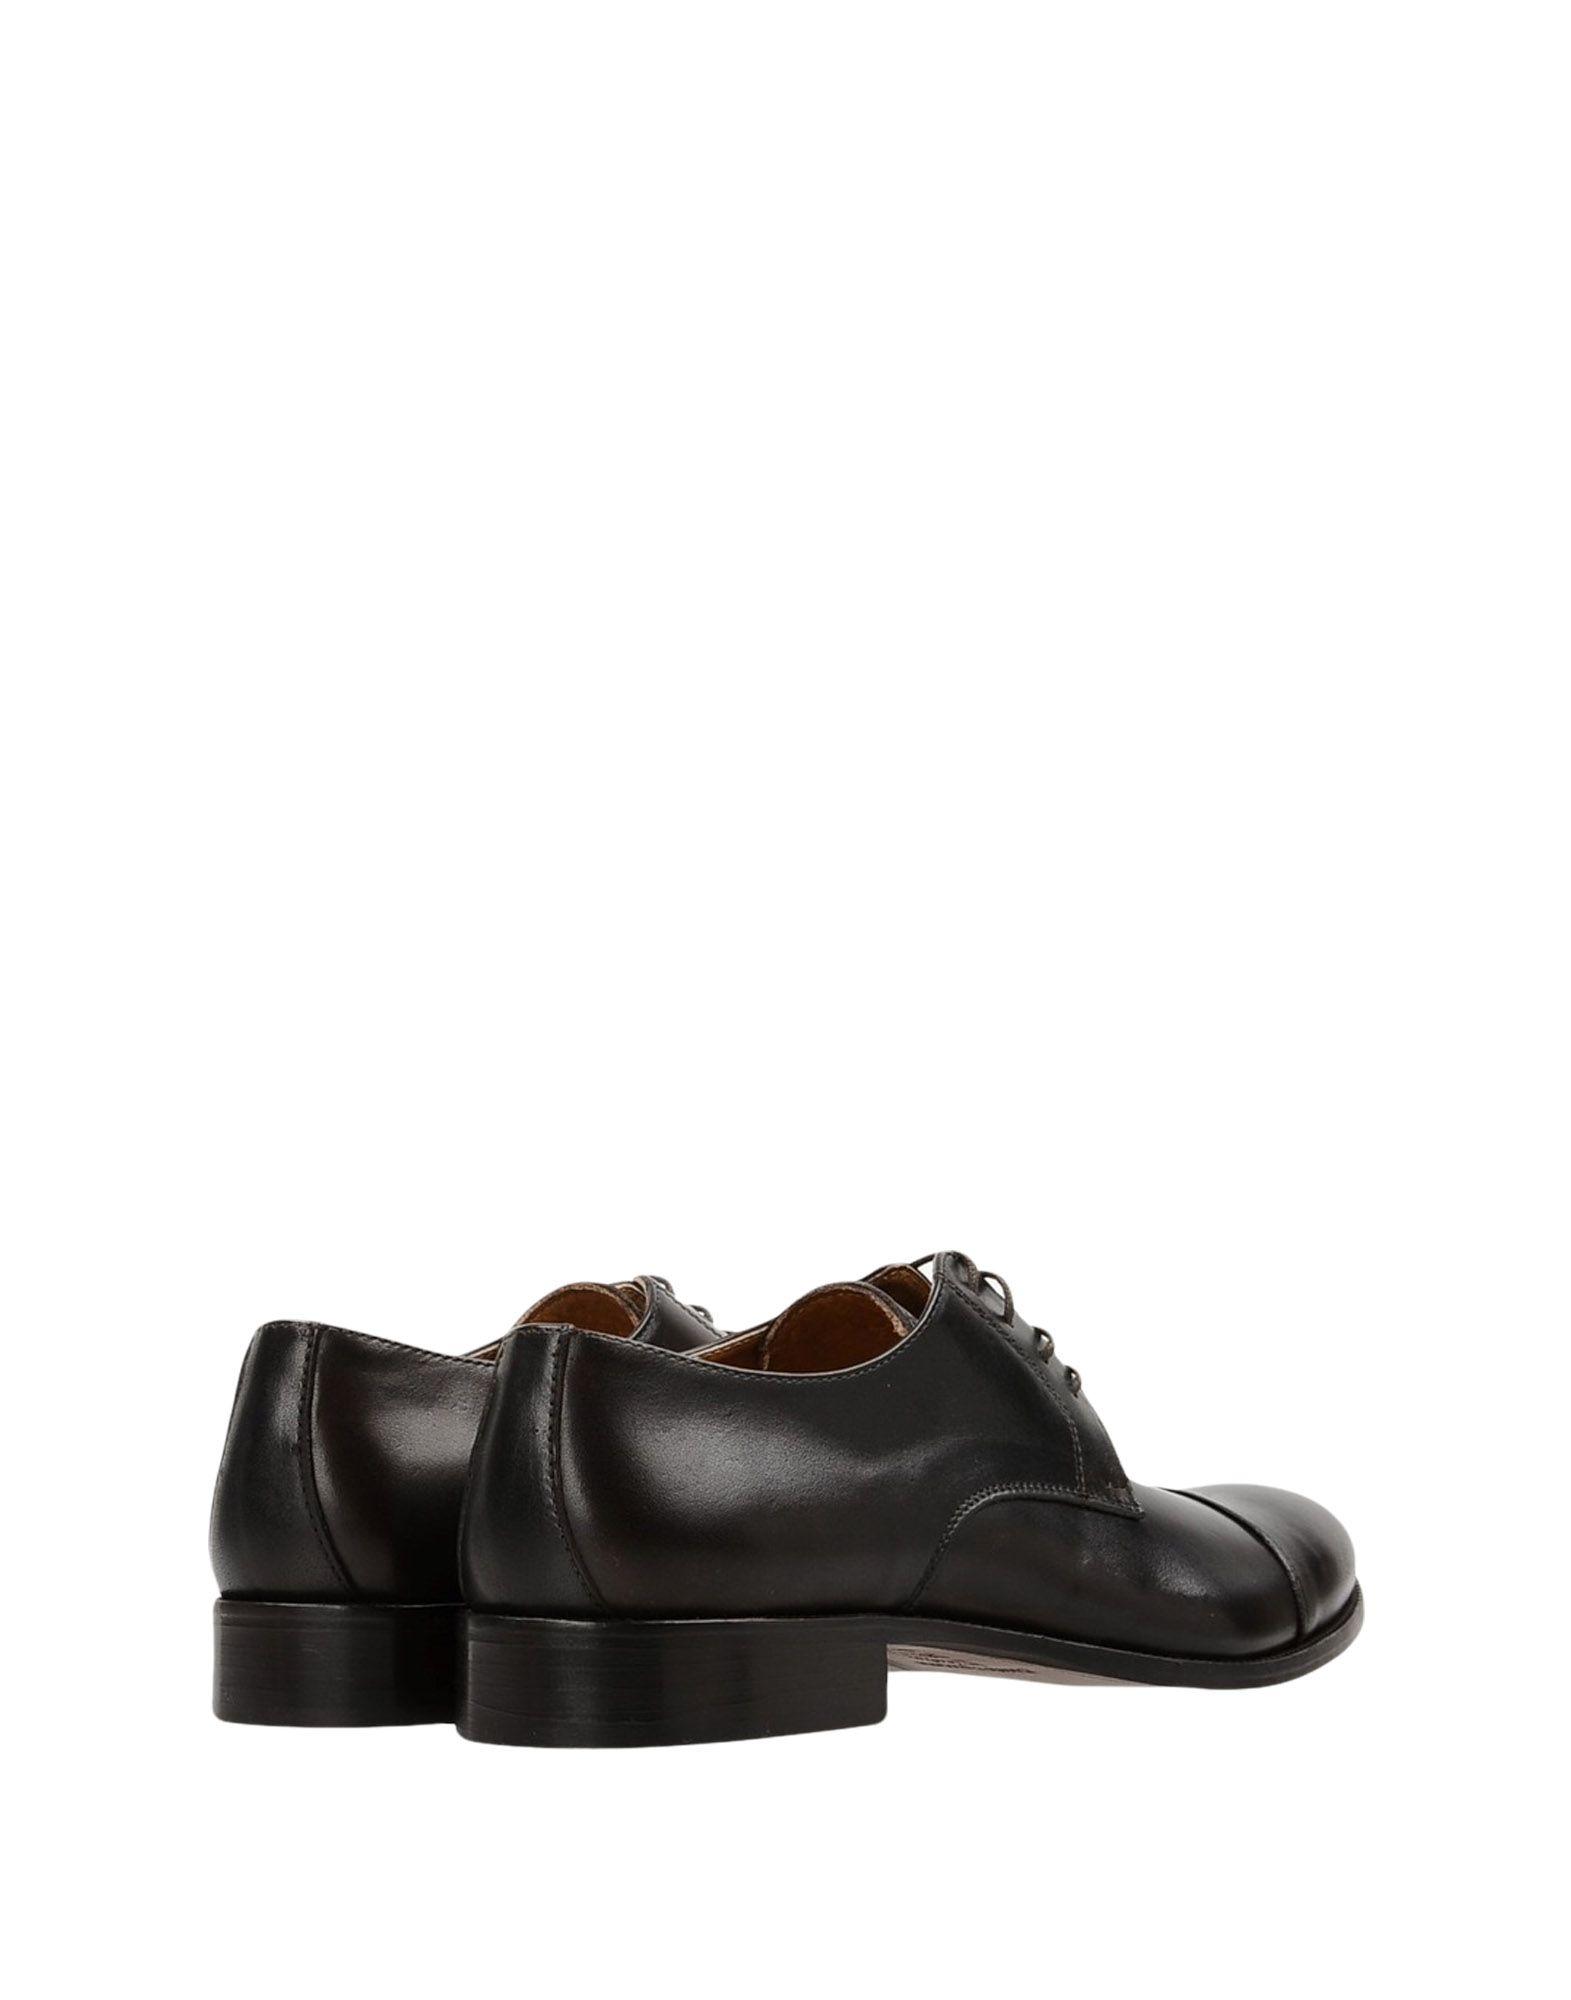 Rabatt echte echte Rabatt Schuhe John Murphy Schnürschuhe Herren  11416118UG d7d6c7